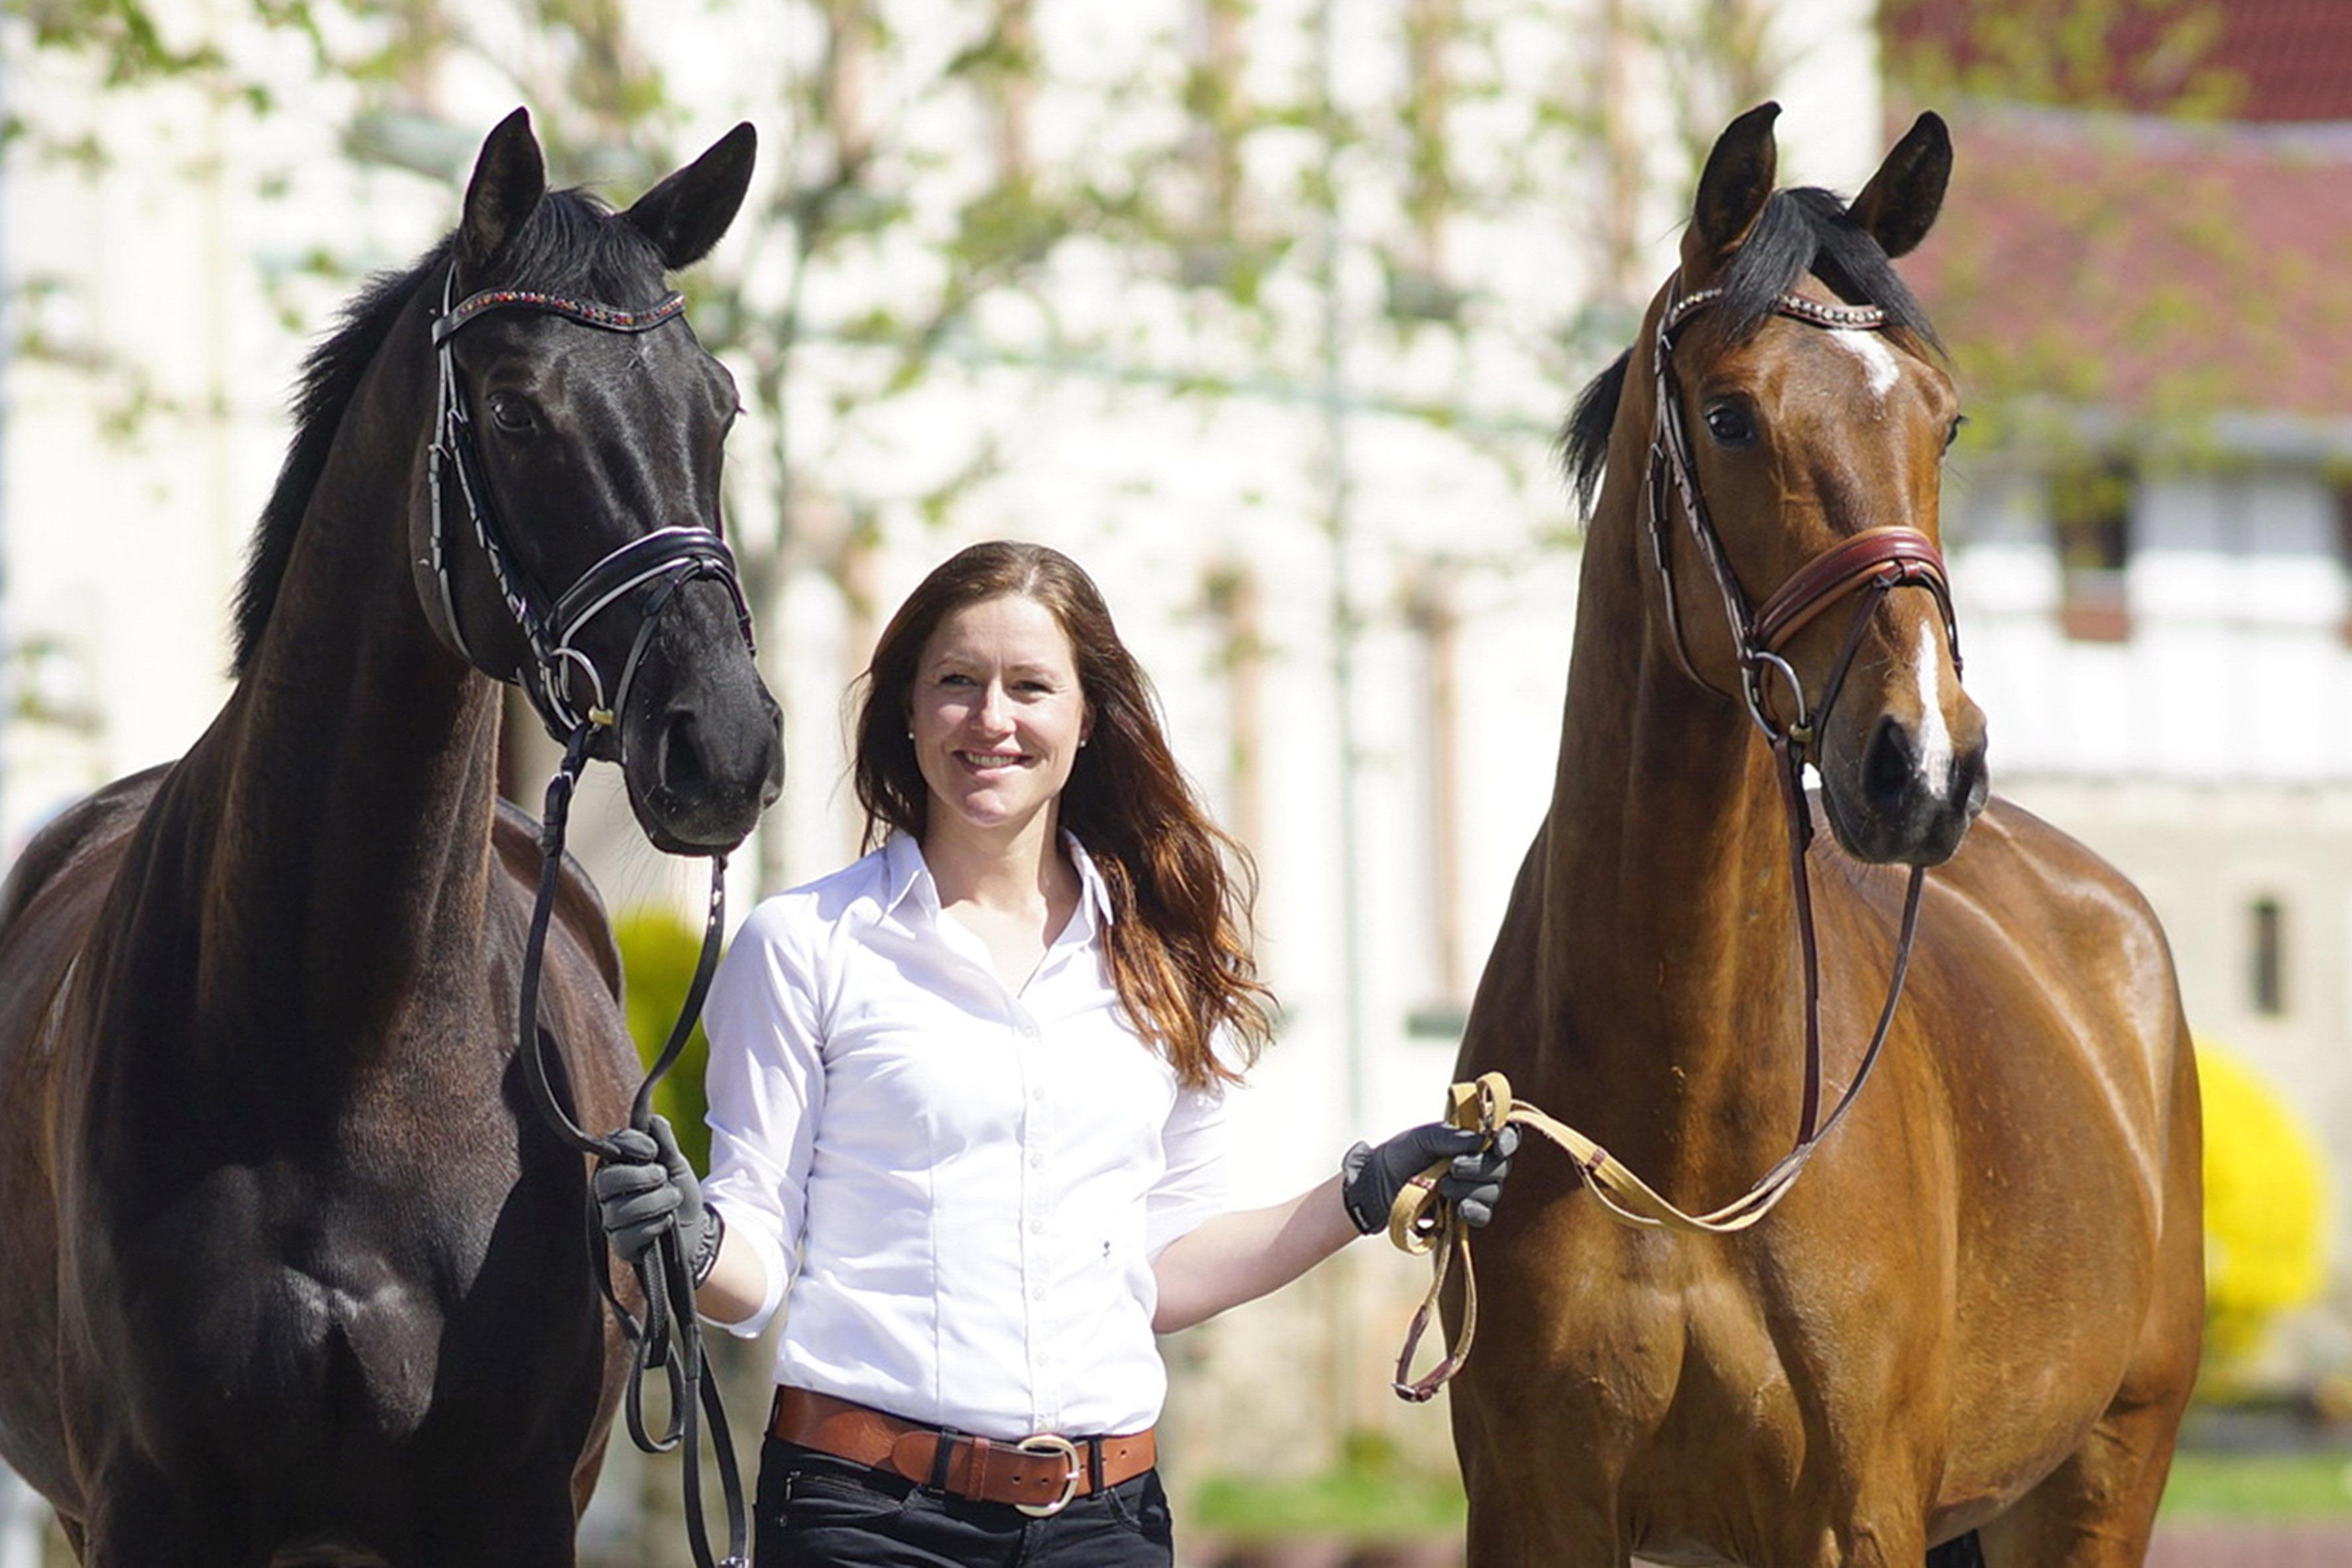 Carolin Töpel Pferdewirtschaftsmeisterin der Reitanlage des Gutshofs Taute